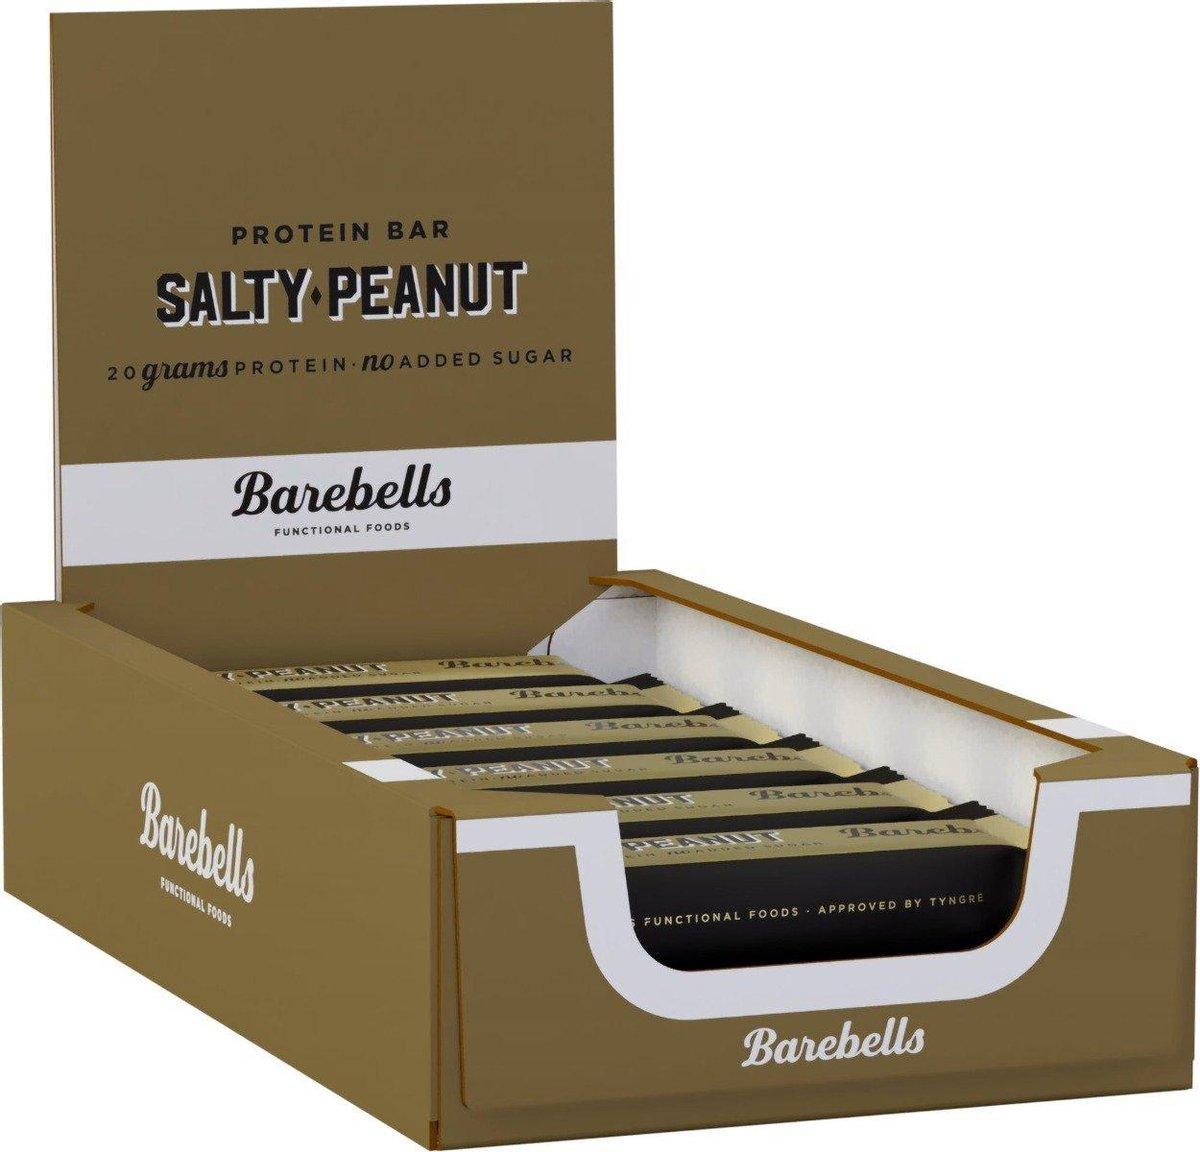 Barebells Protein Bars - Prote ne Repen / Eiwitrepen - Salty Peanut - 12 eiwitrepen